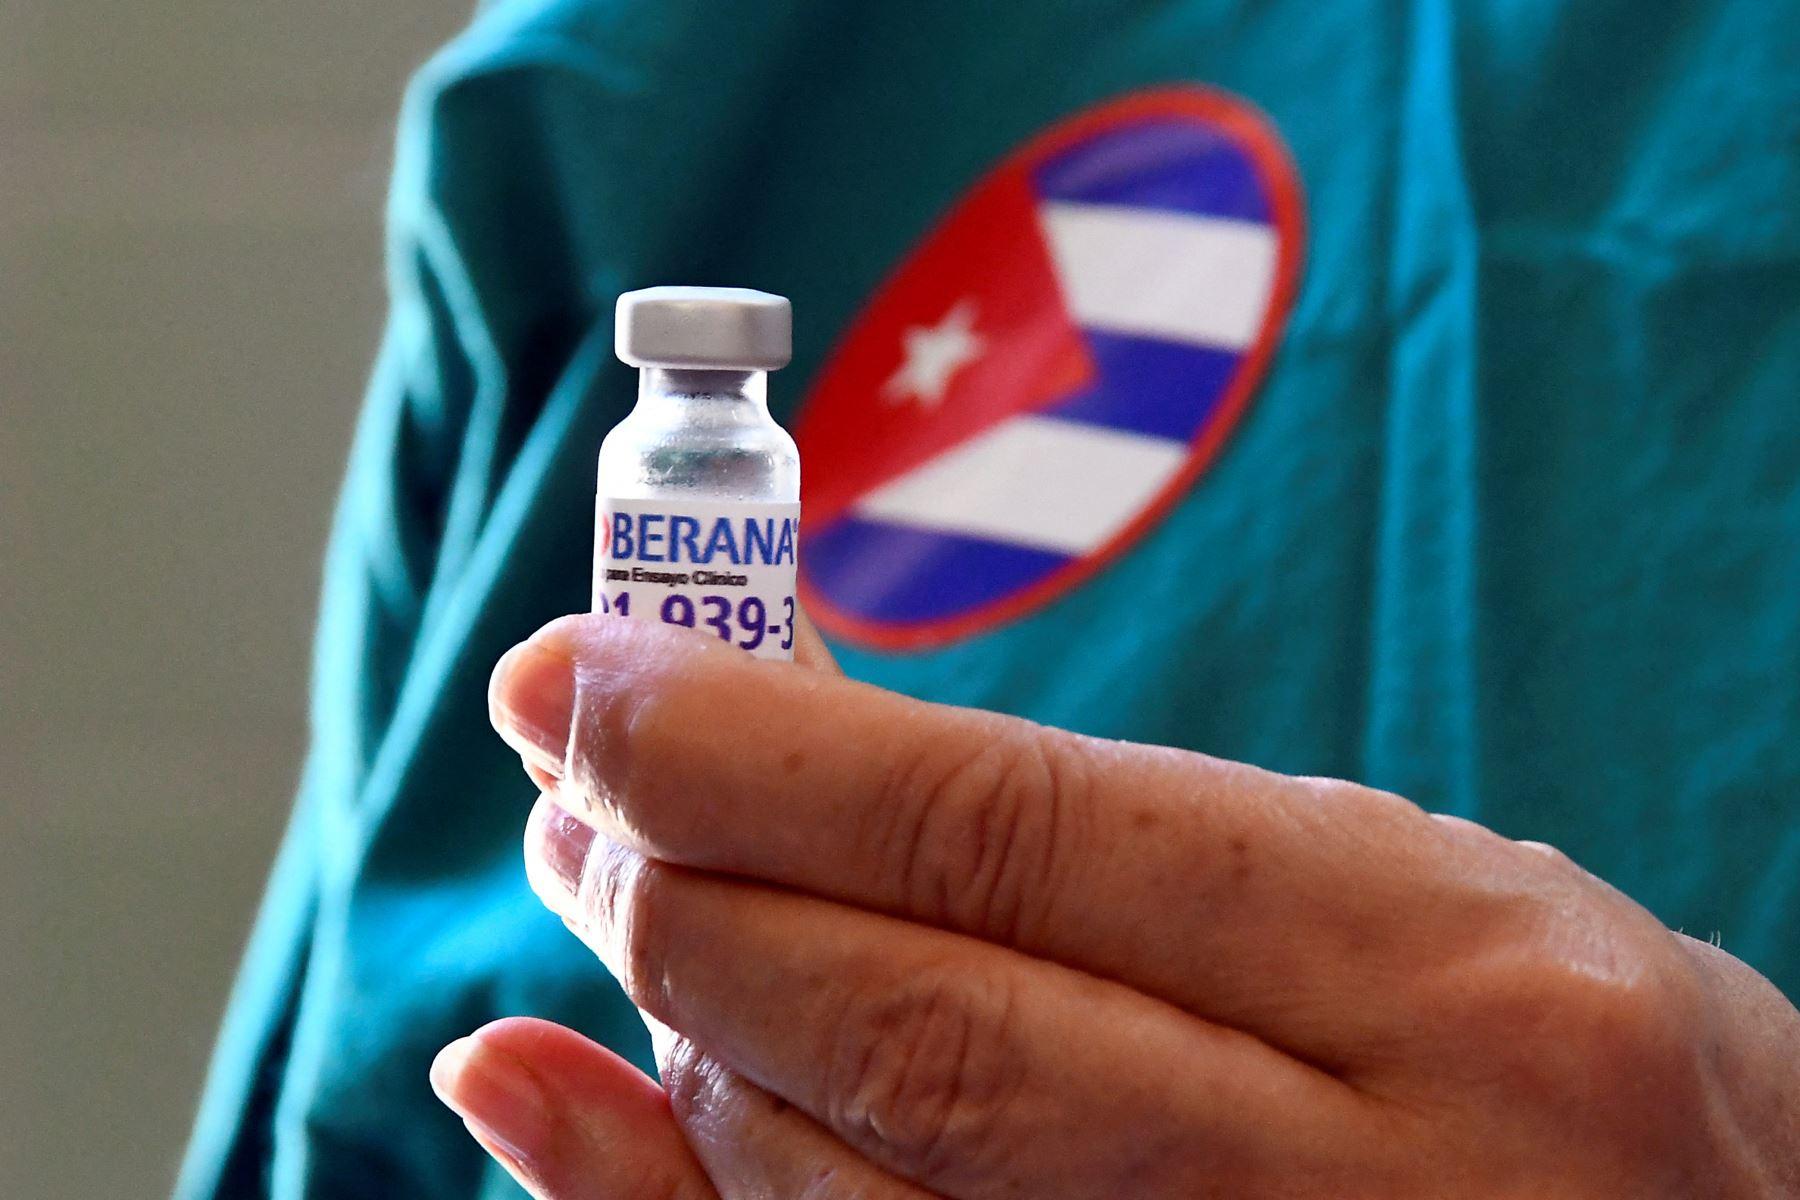 La isla tiene una larga historia de vacunas: bajo un embargo estadounidense desde 1962, Cuba comenzó a desarrollar sus propios remedios en la década de 1980. De las 13 vacunas de su programa de inmunización, ocho son de producción local. Foto: AFP.